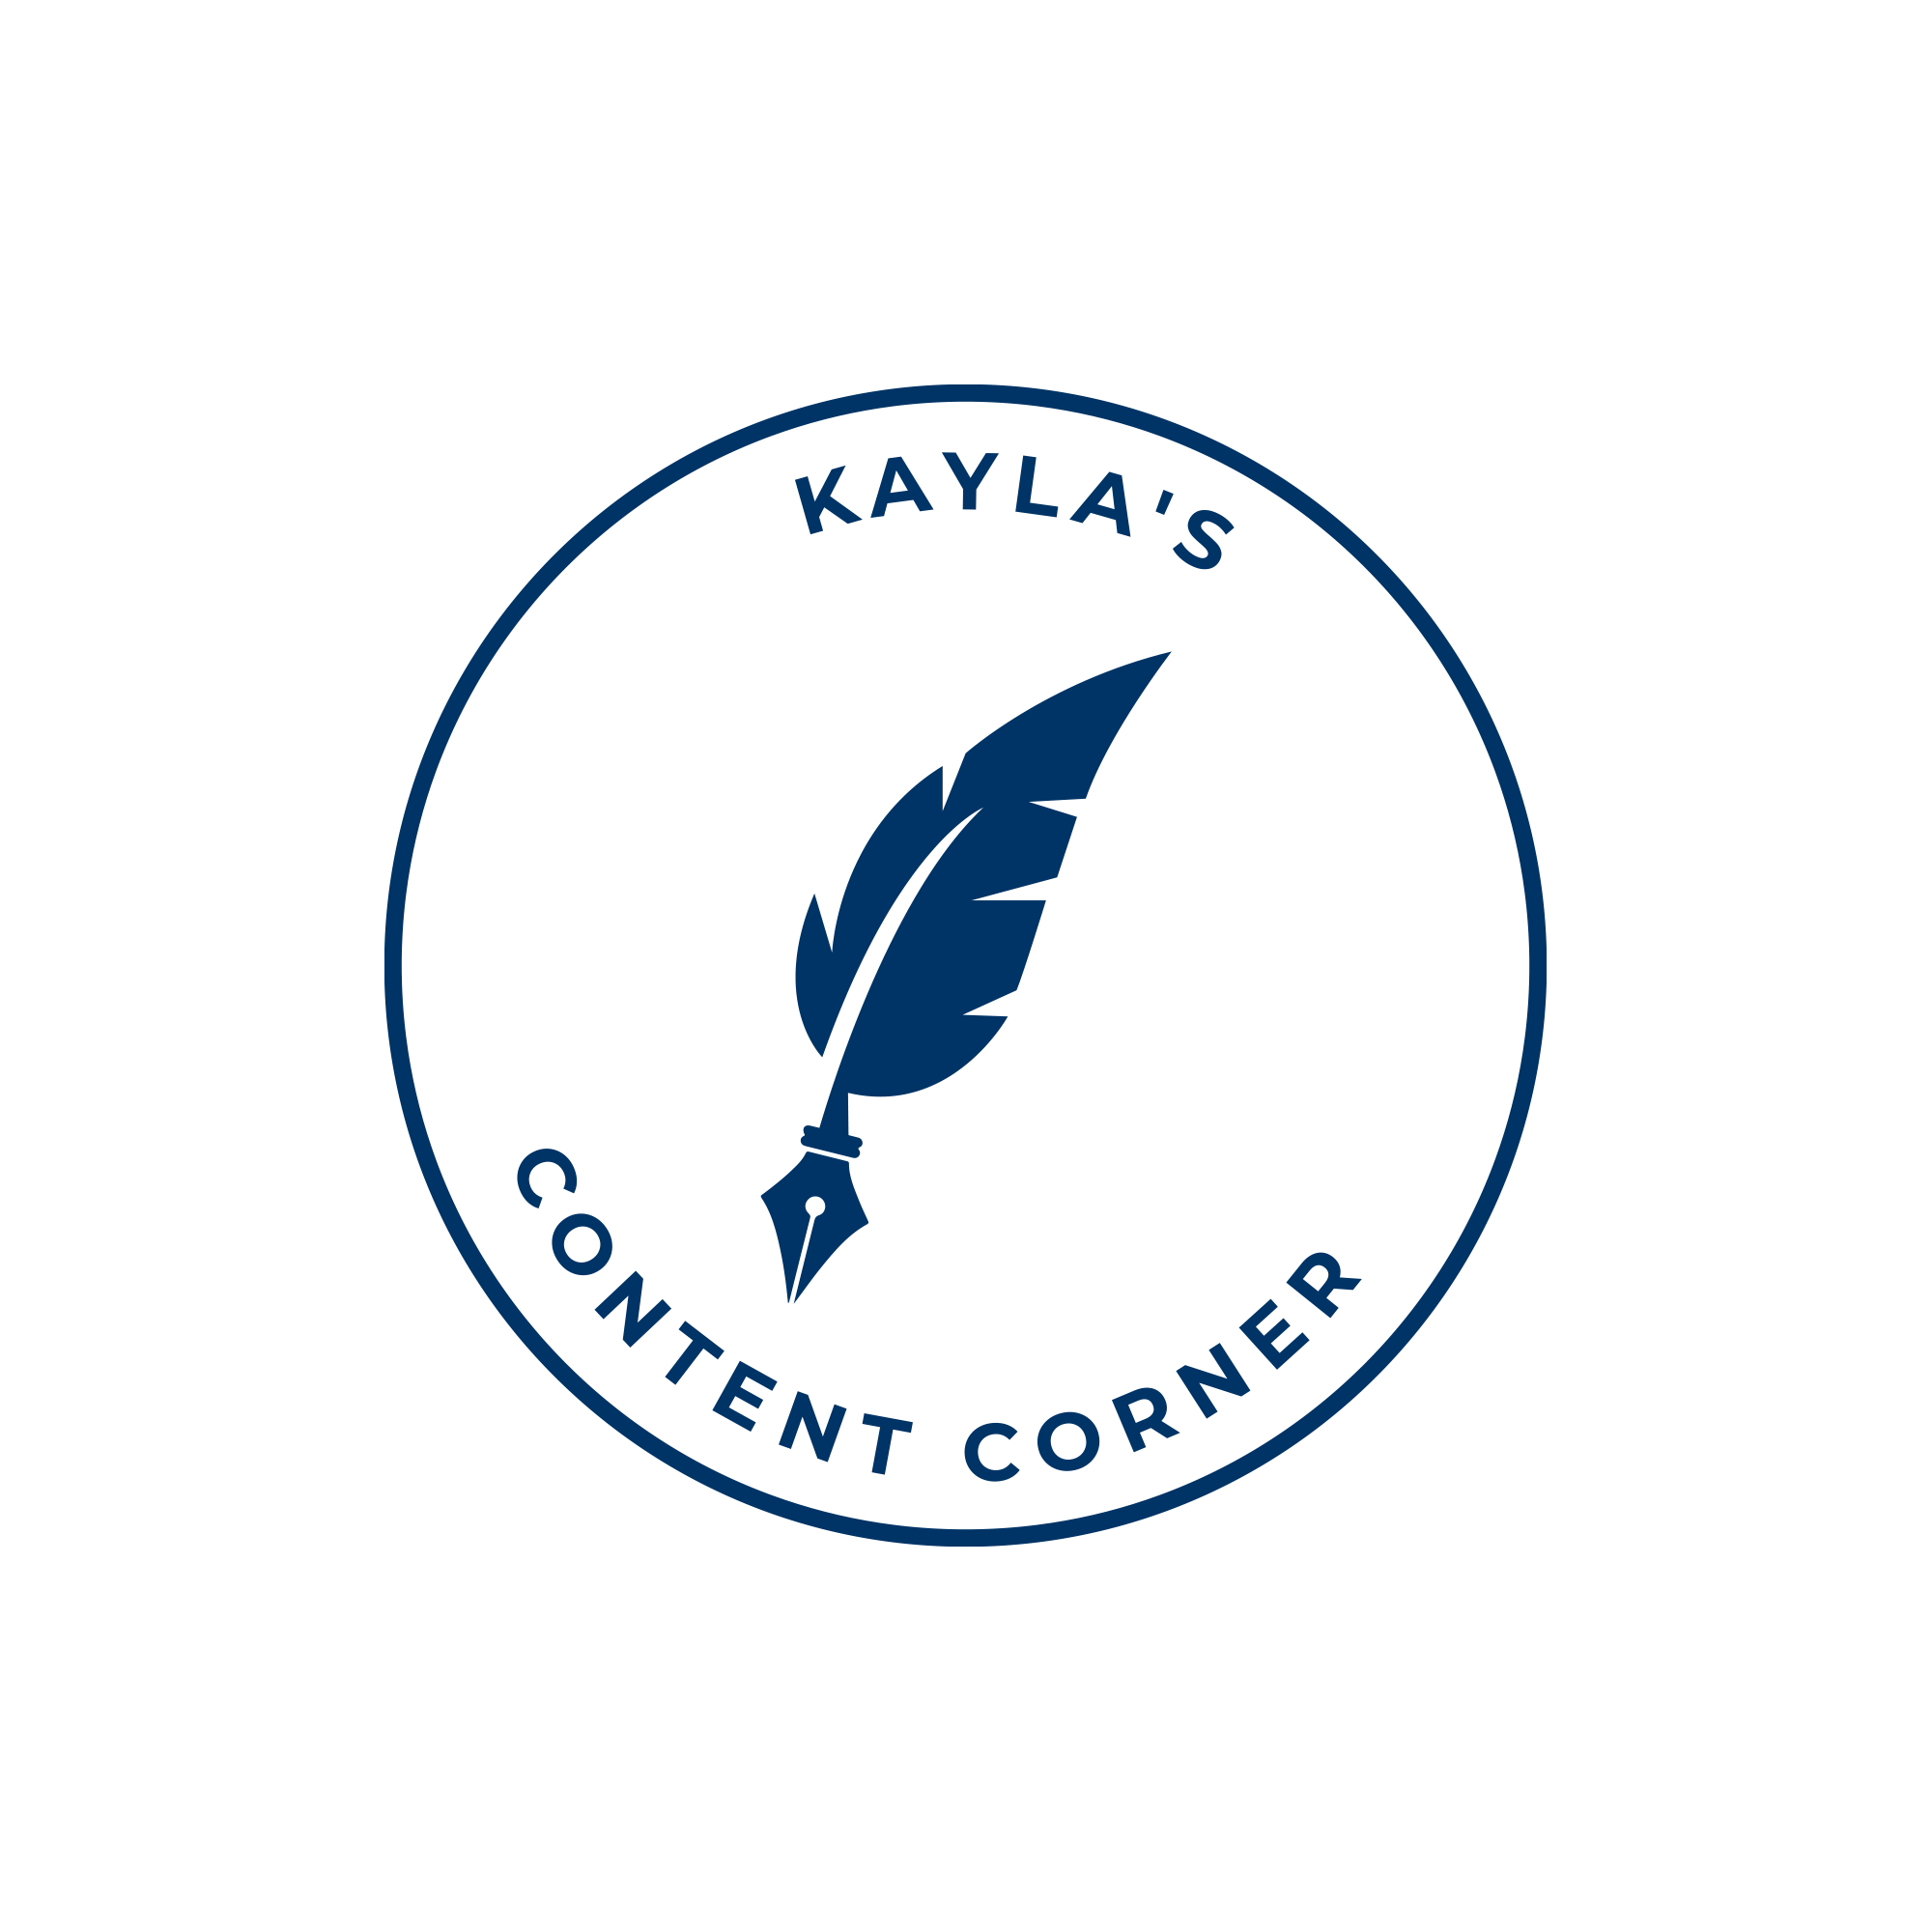 Kaylas Content Corner Logo